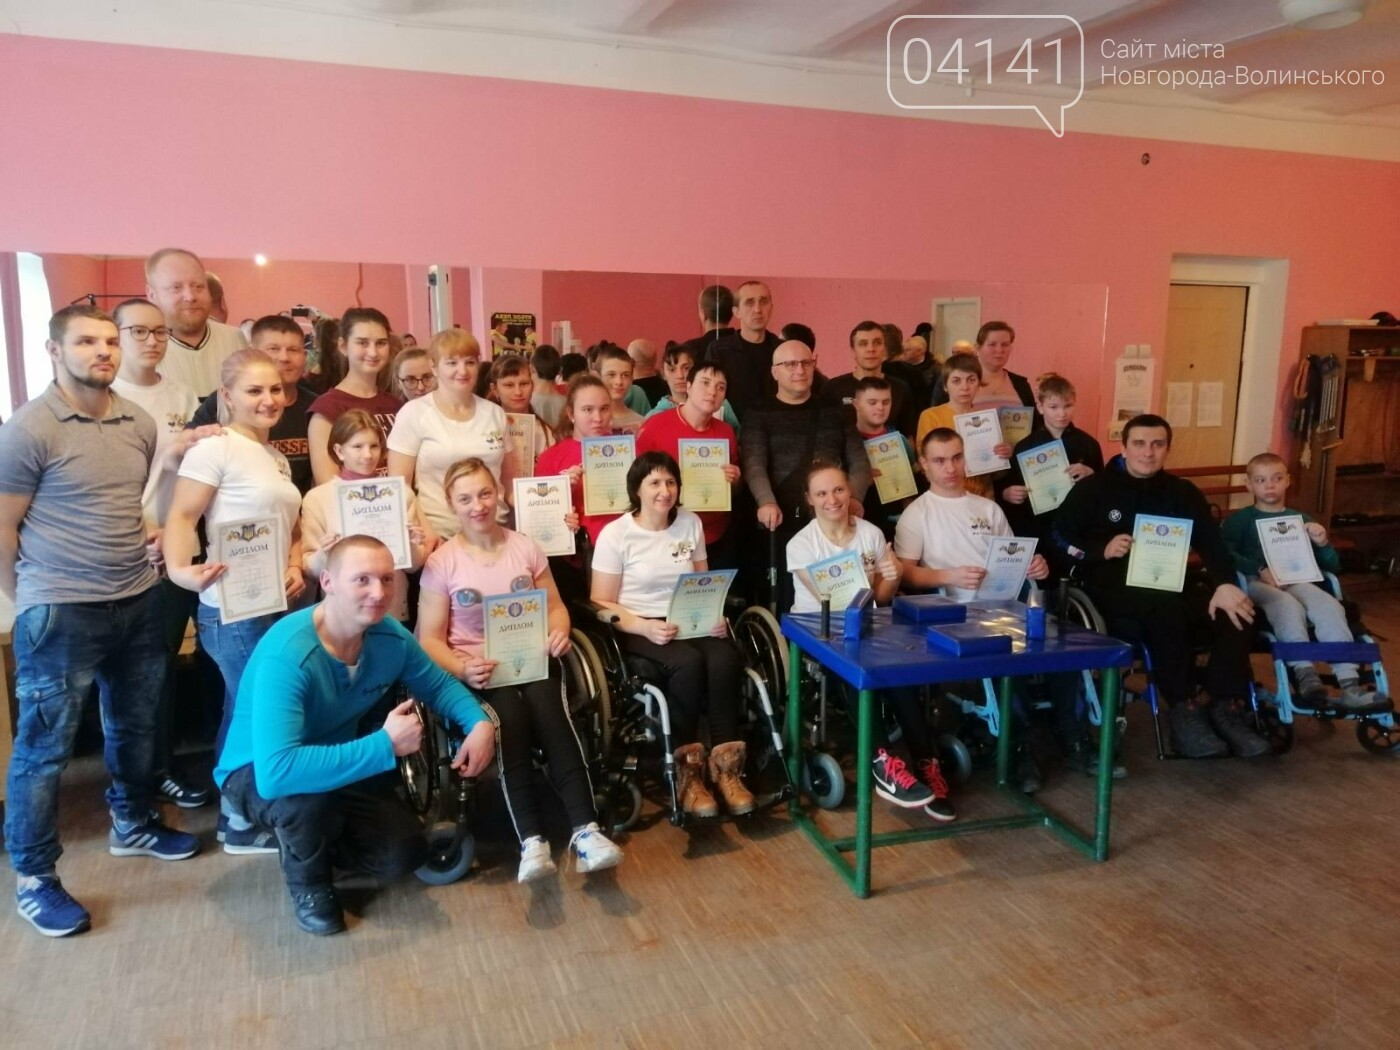 Як у Новограді проходив чемпіонат з армспорту серед людей з інвалідністю (ФОТО, ВІДЕО), фото-13